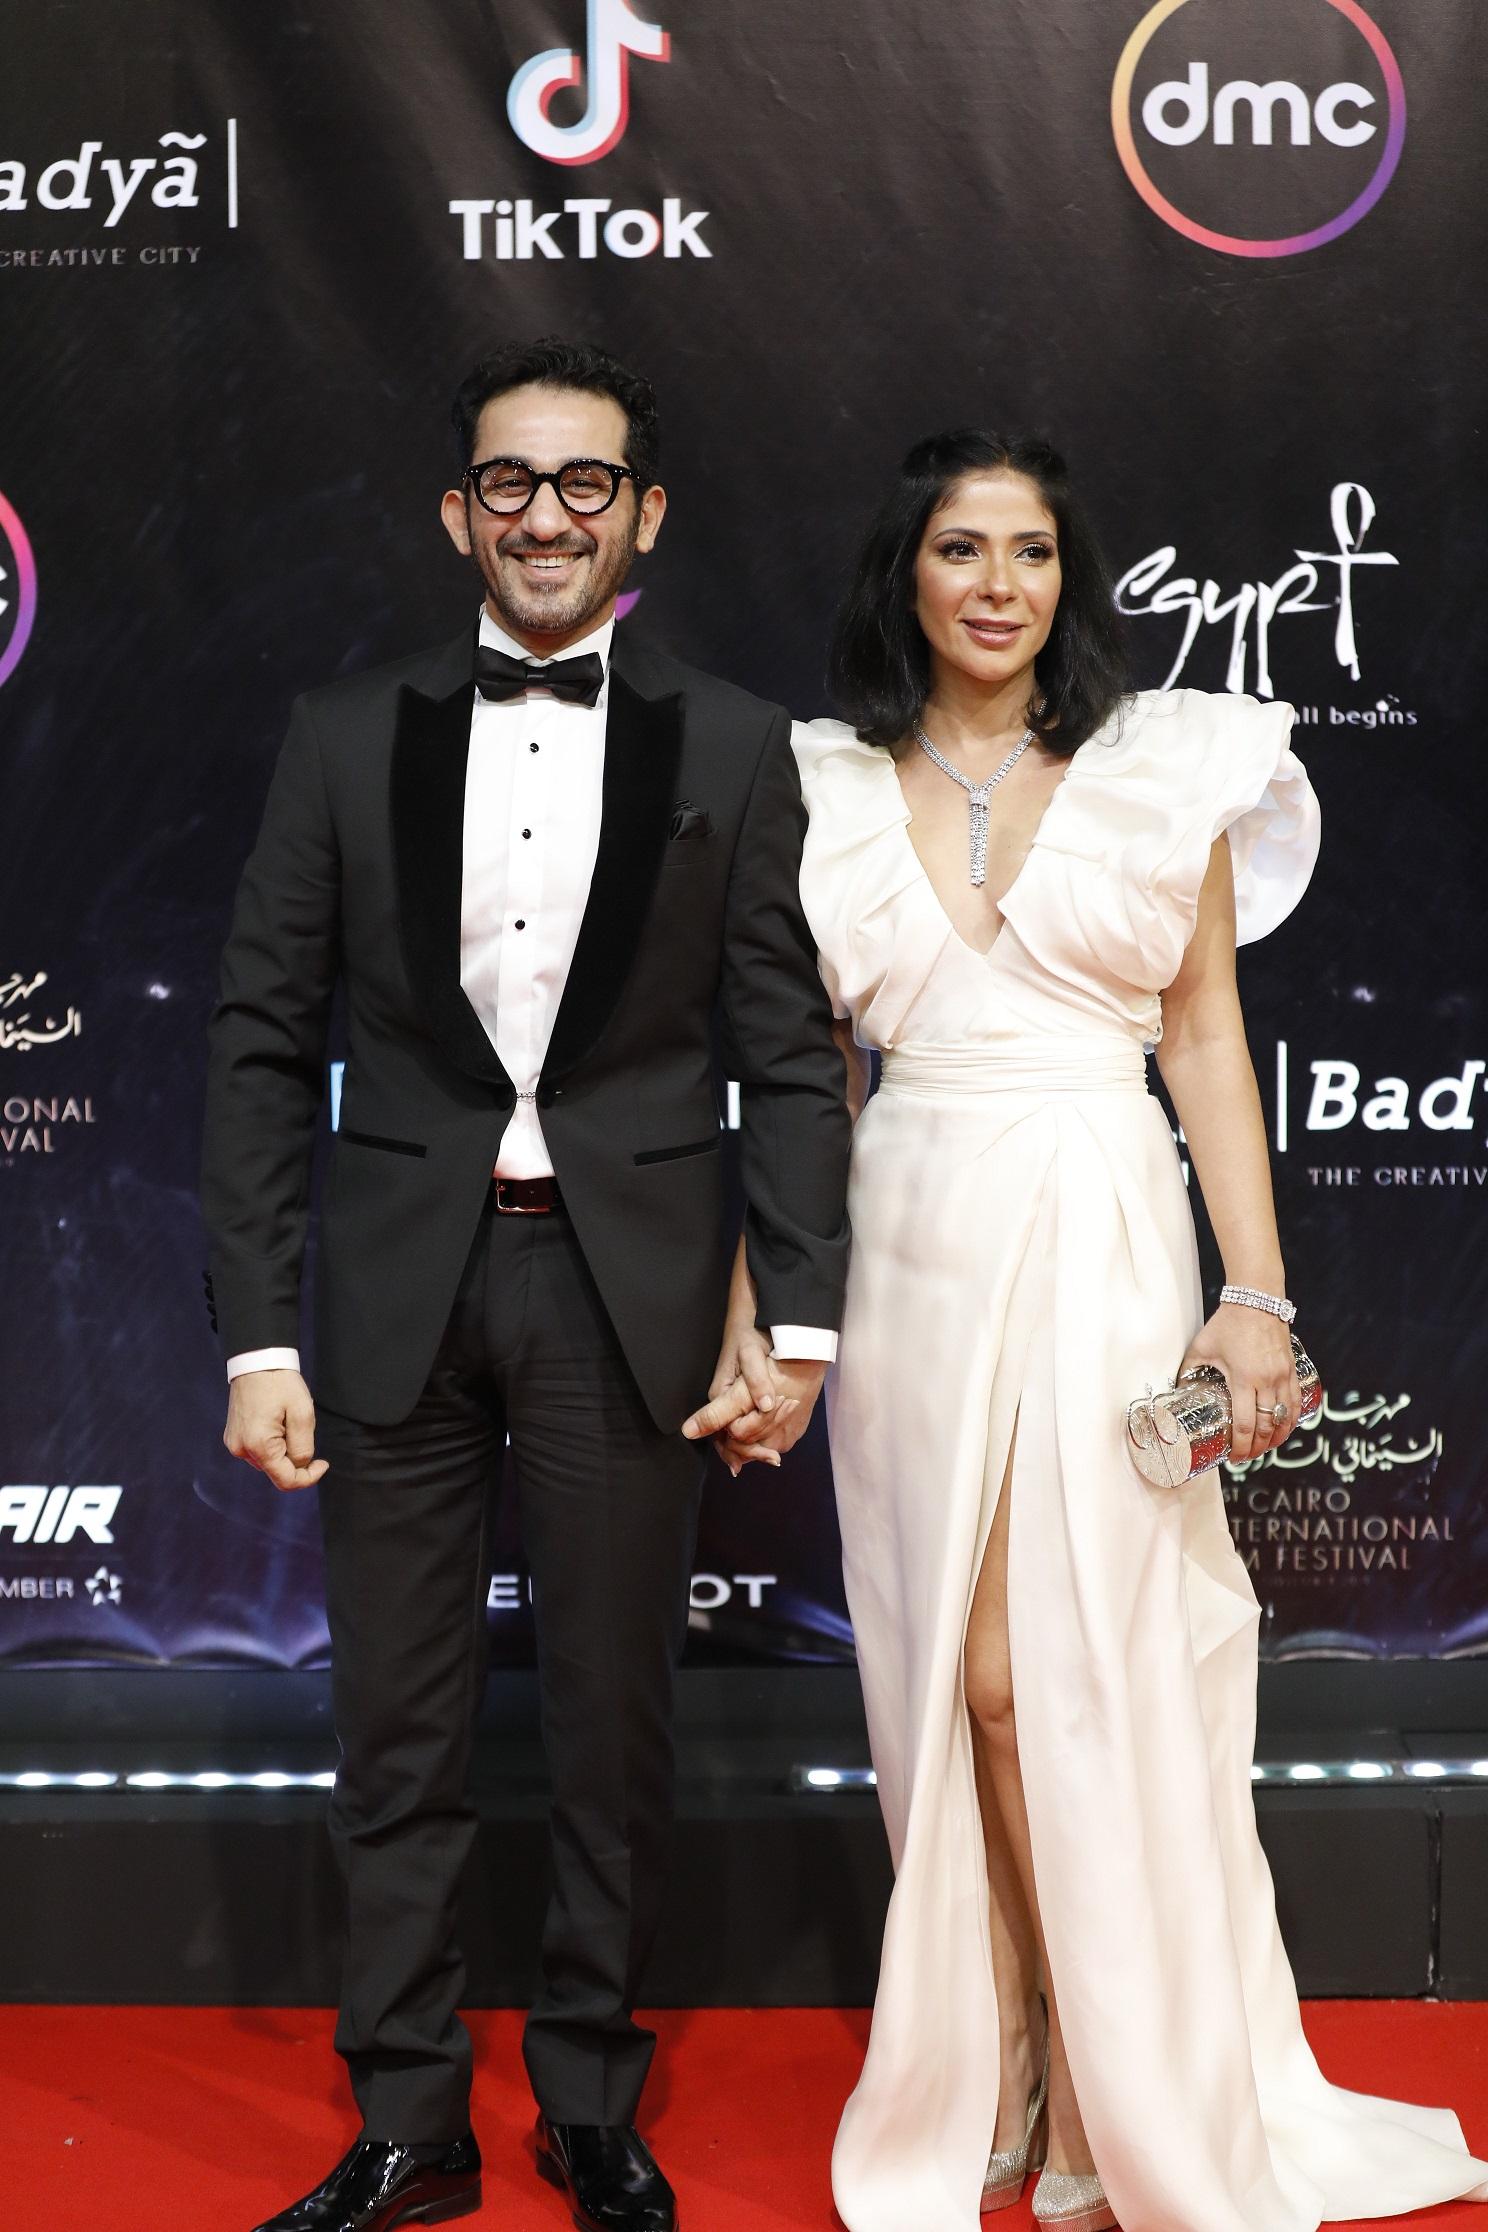 تيك توك تعلن عن تحدي#CIFF_actingبمهرجان القاهرة السينمائي الدولي 2019